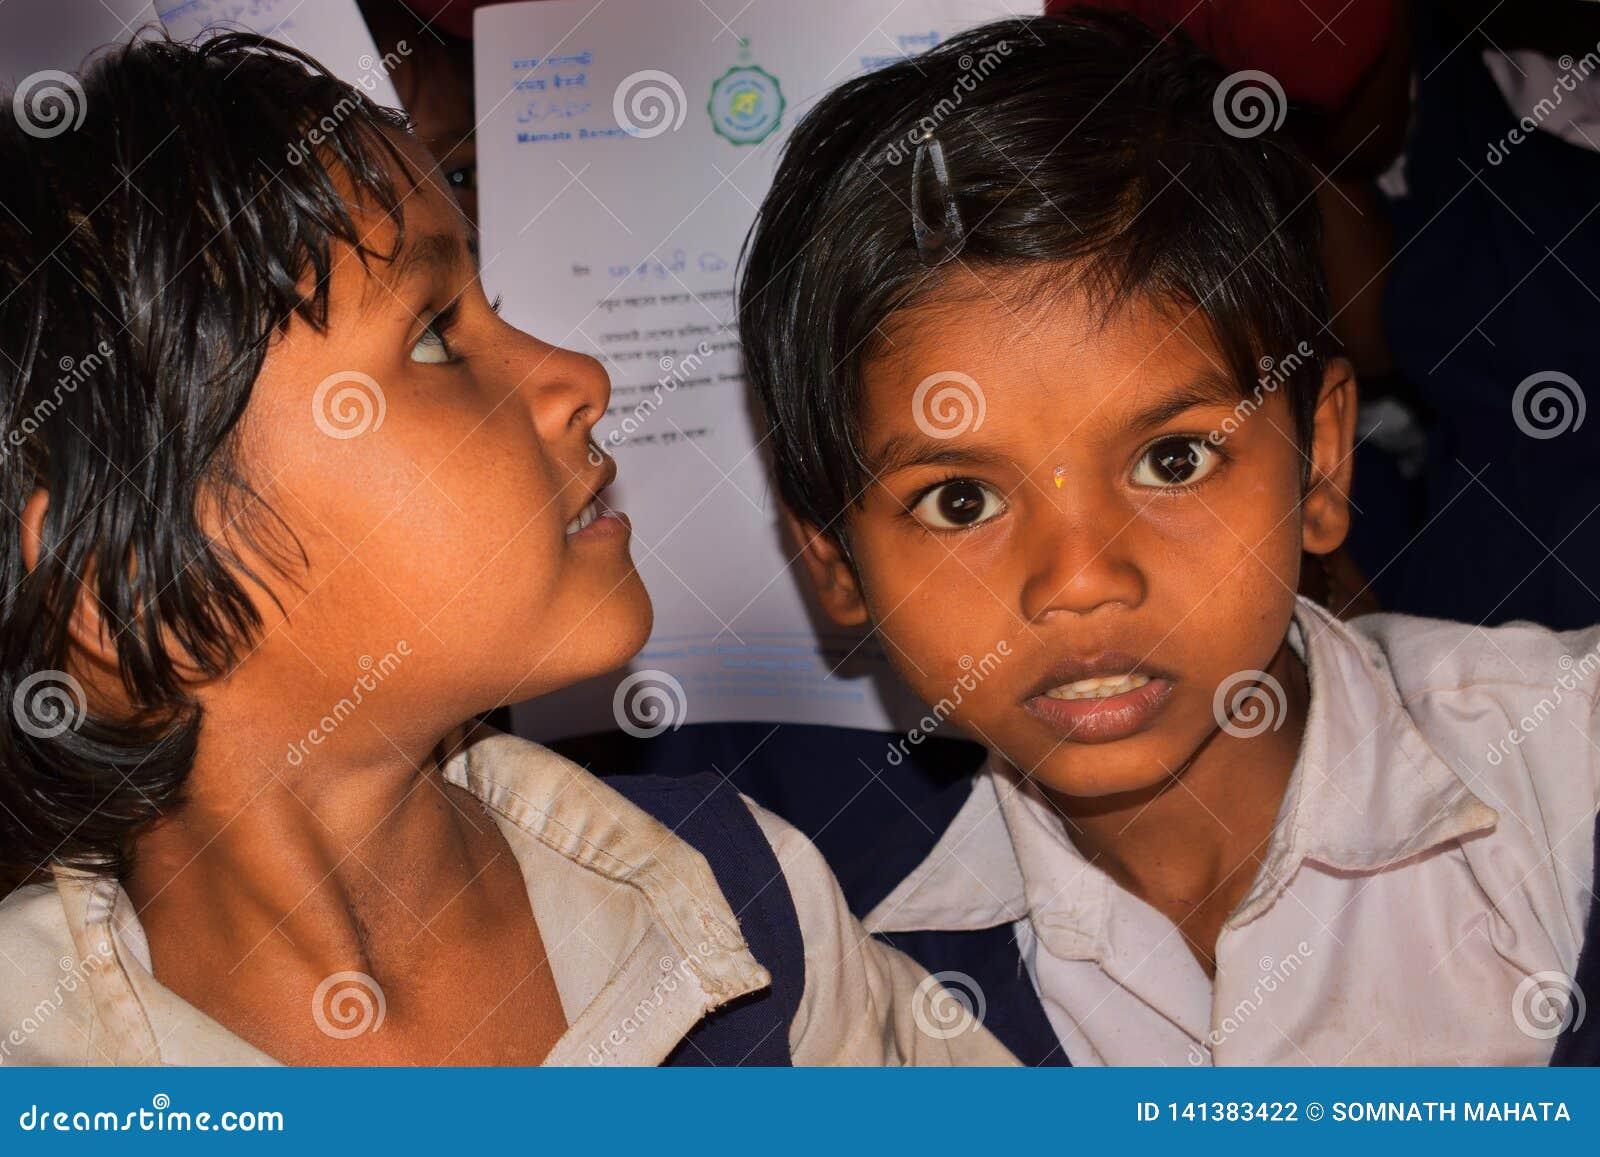 Δύο σχολικά κορίτσια από ένα αγροτικό δημοτικό σχολείο της Βεγγάλης, κοίταζαν προς το φακό καμερών